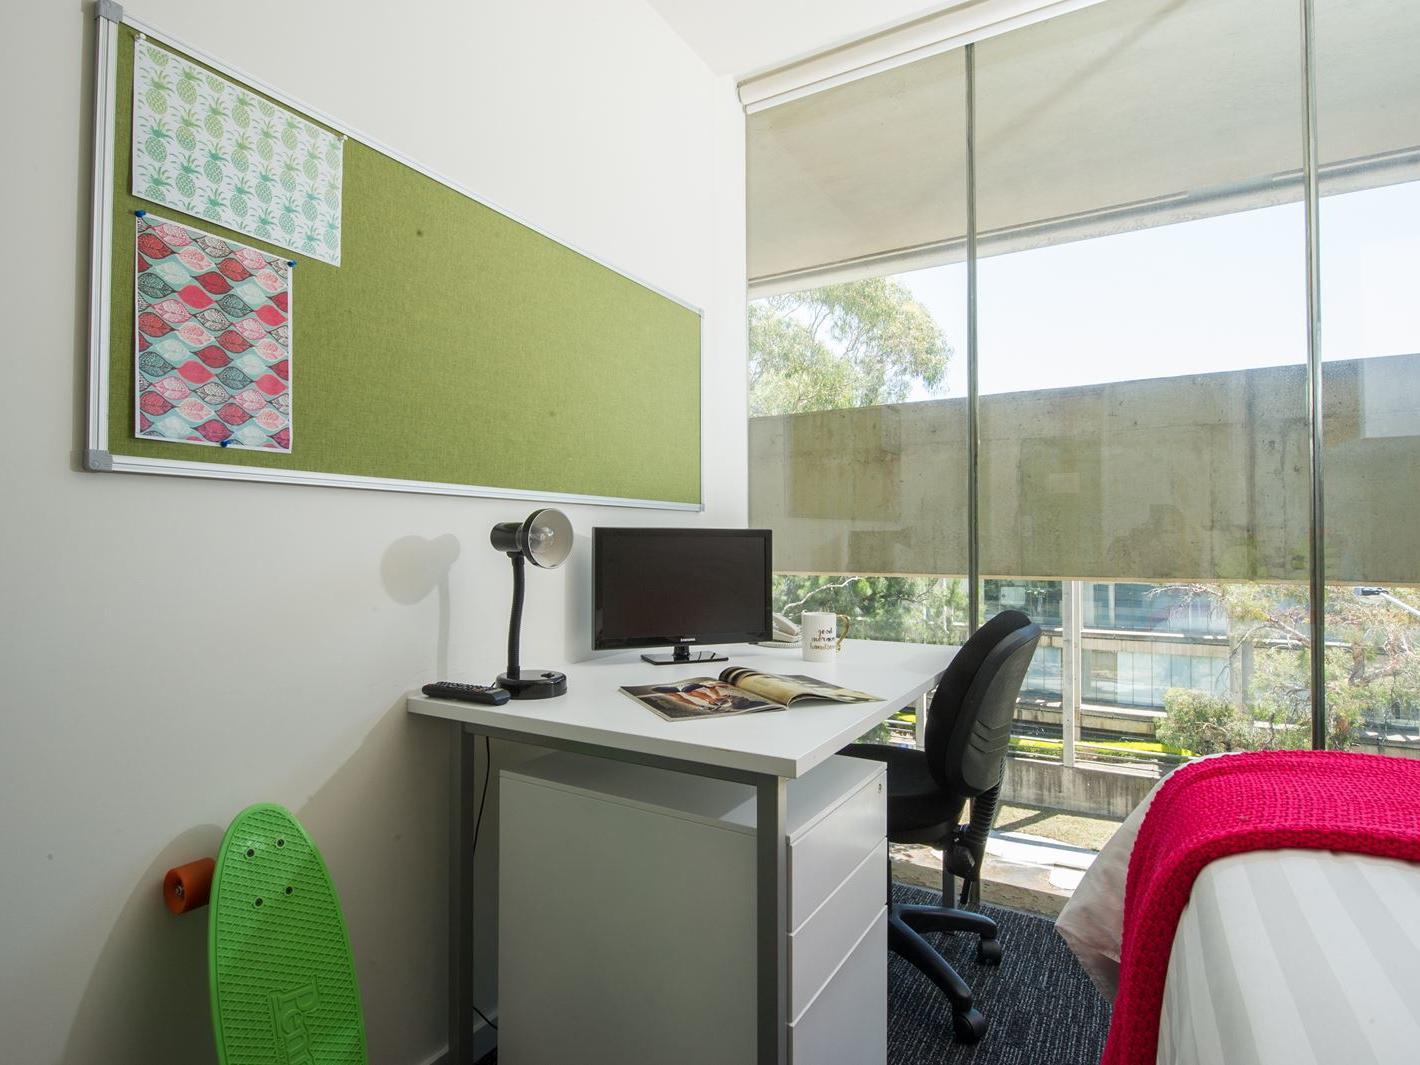 2 Bedroom Studio